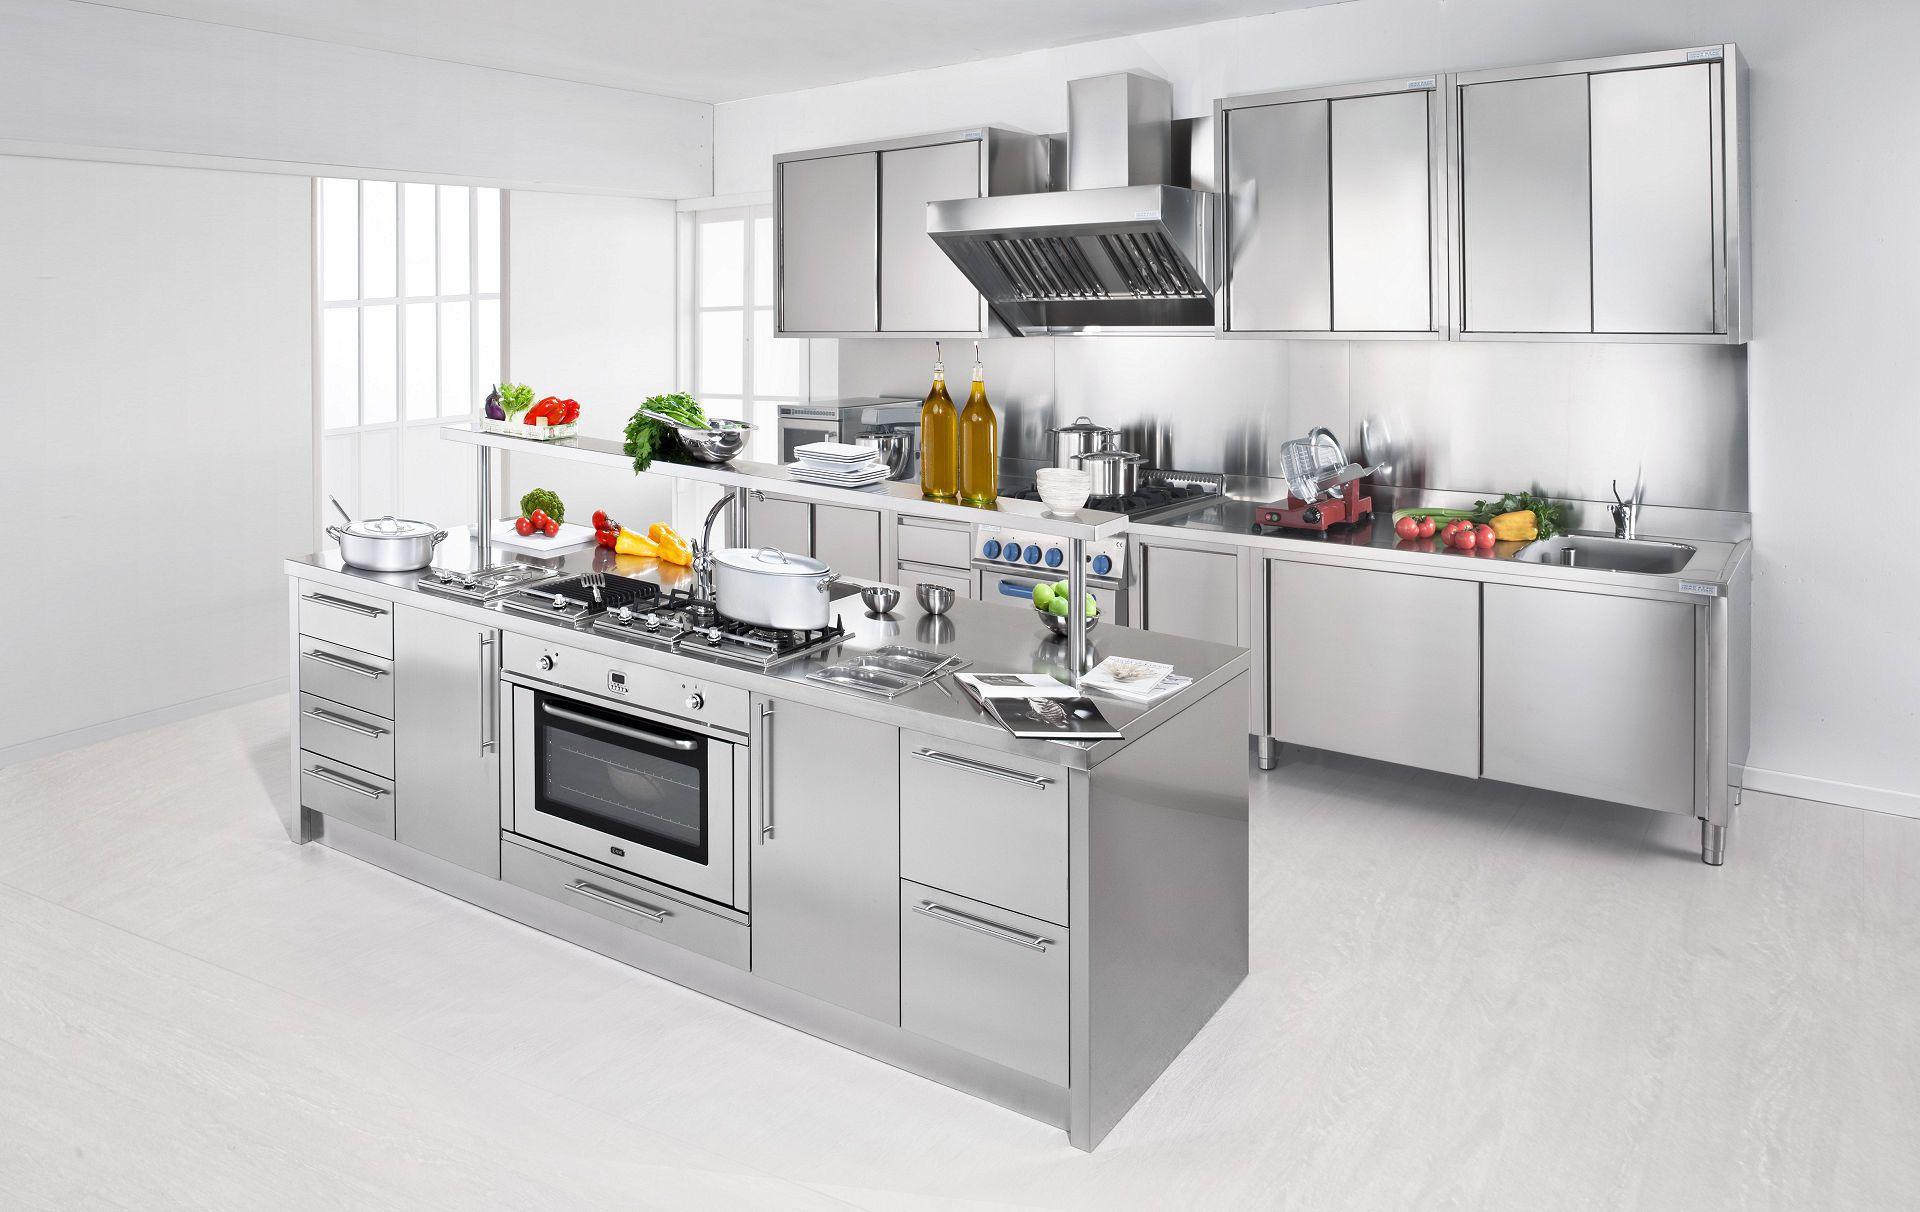 Beautiful Cucina Acciaio Inox Images - House Interior ...